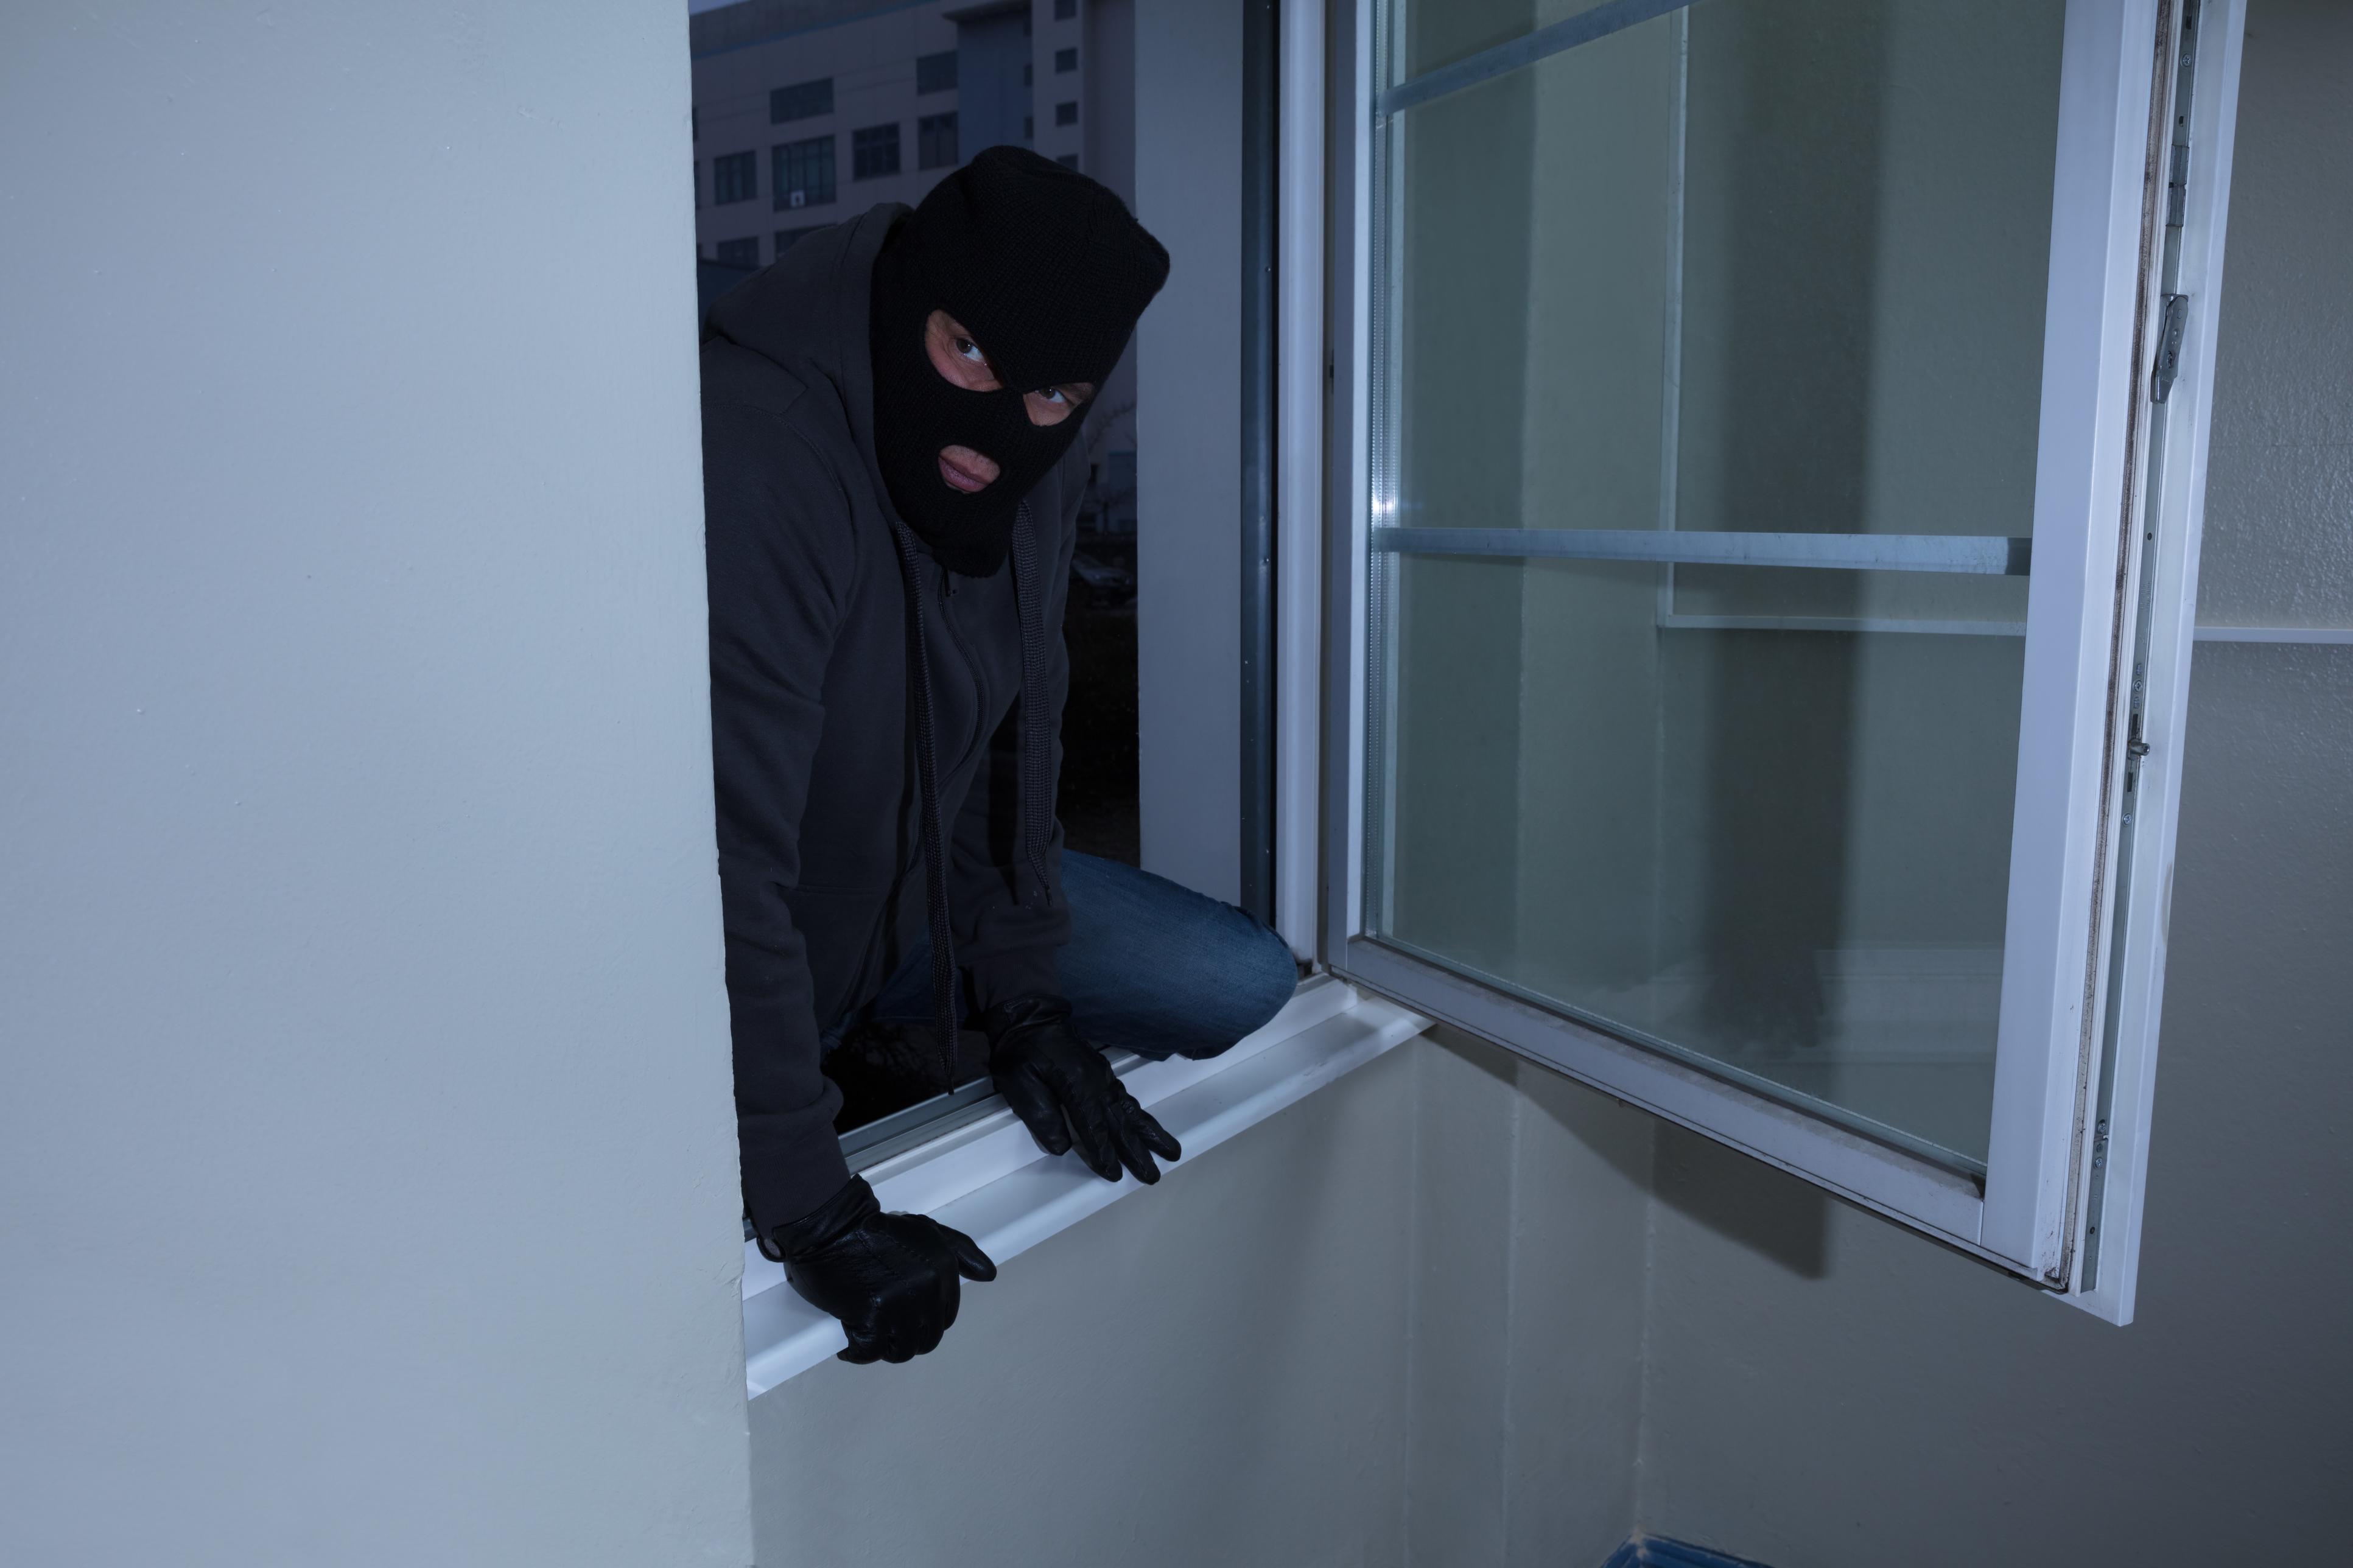 לא הסתפק בחדירה לבית, החל גם במעשים מגונים כנגד בעלת הדירה. צילום: גטיאימג'ס